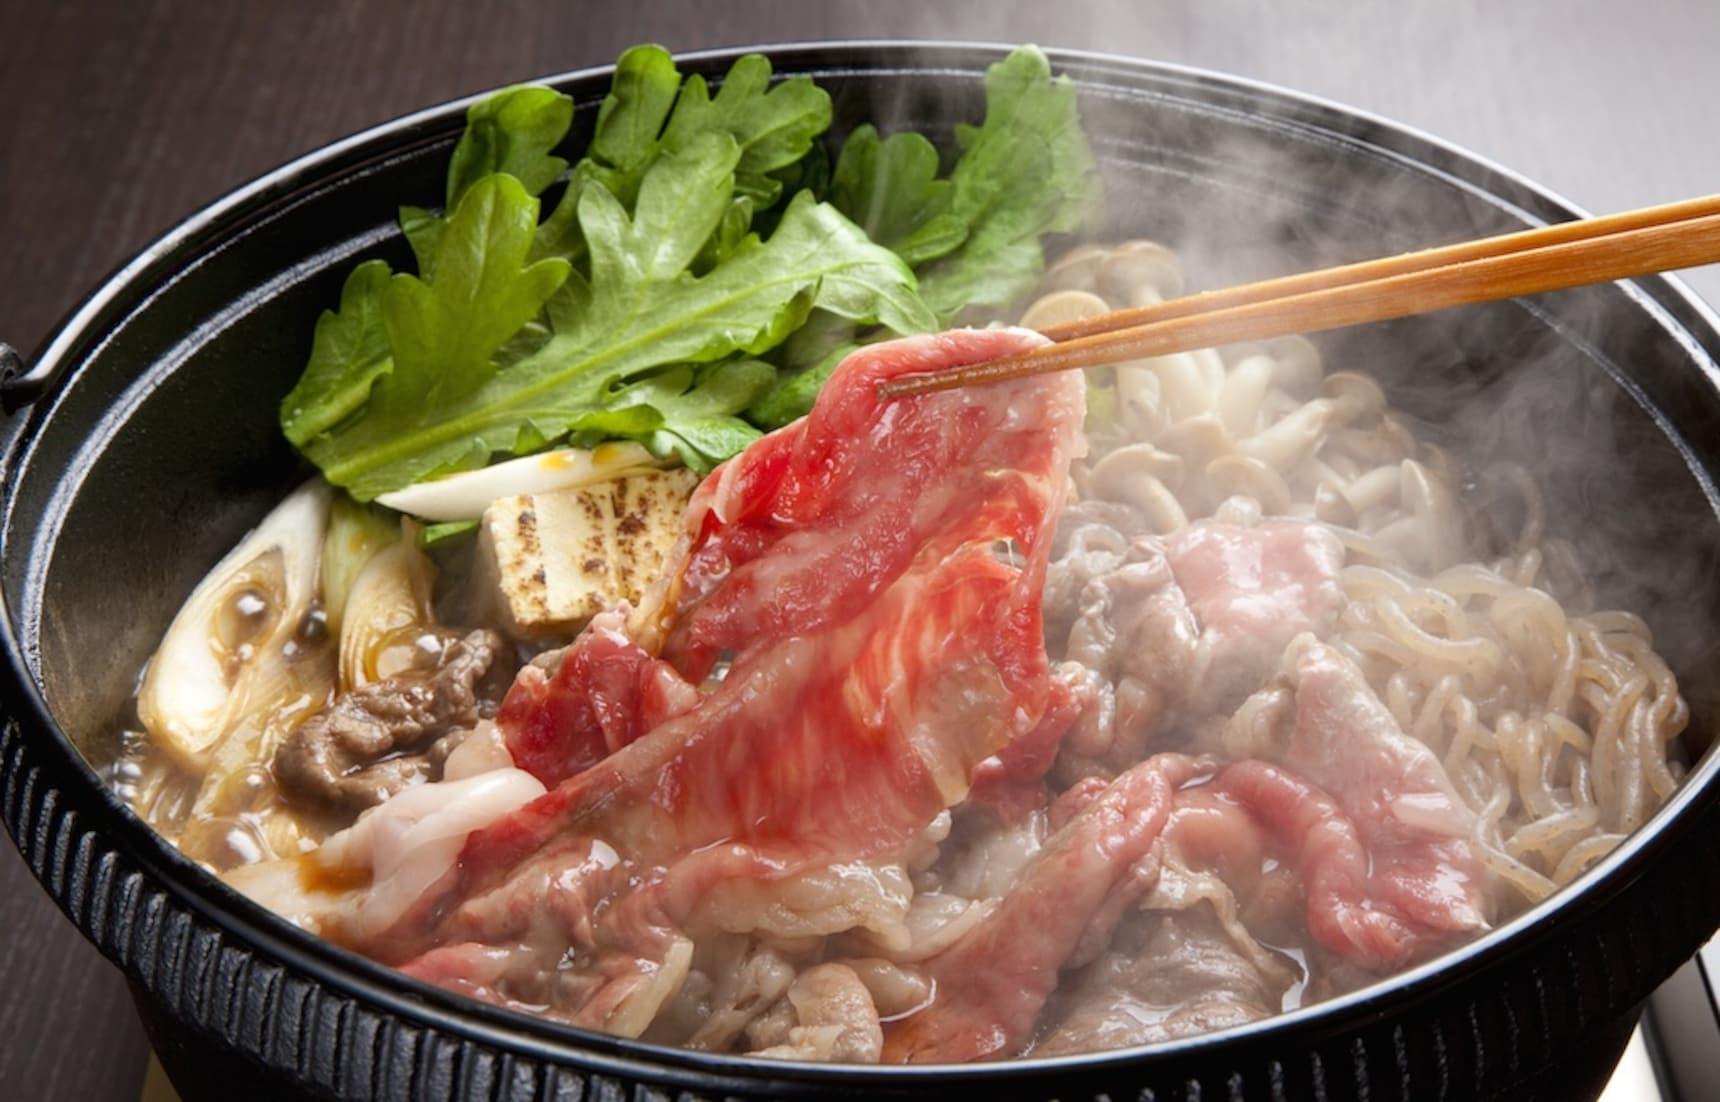 무더위 보양식으로 일품인 일본식 전골요리